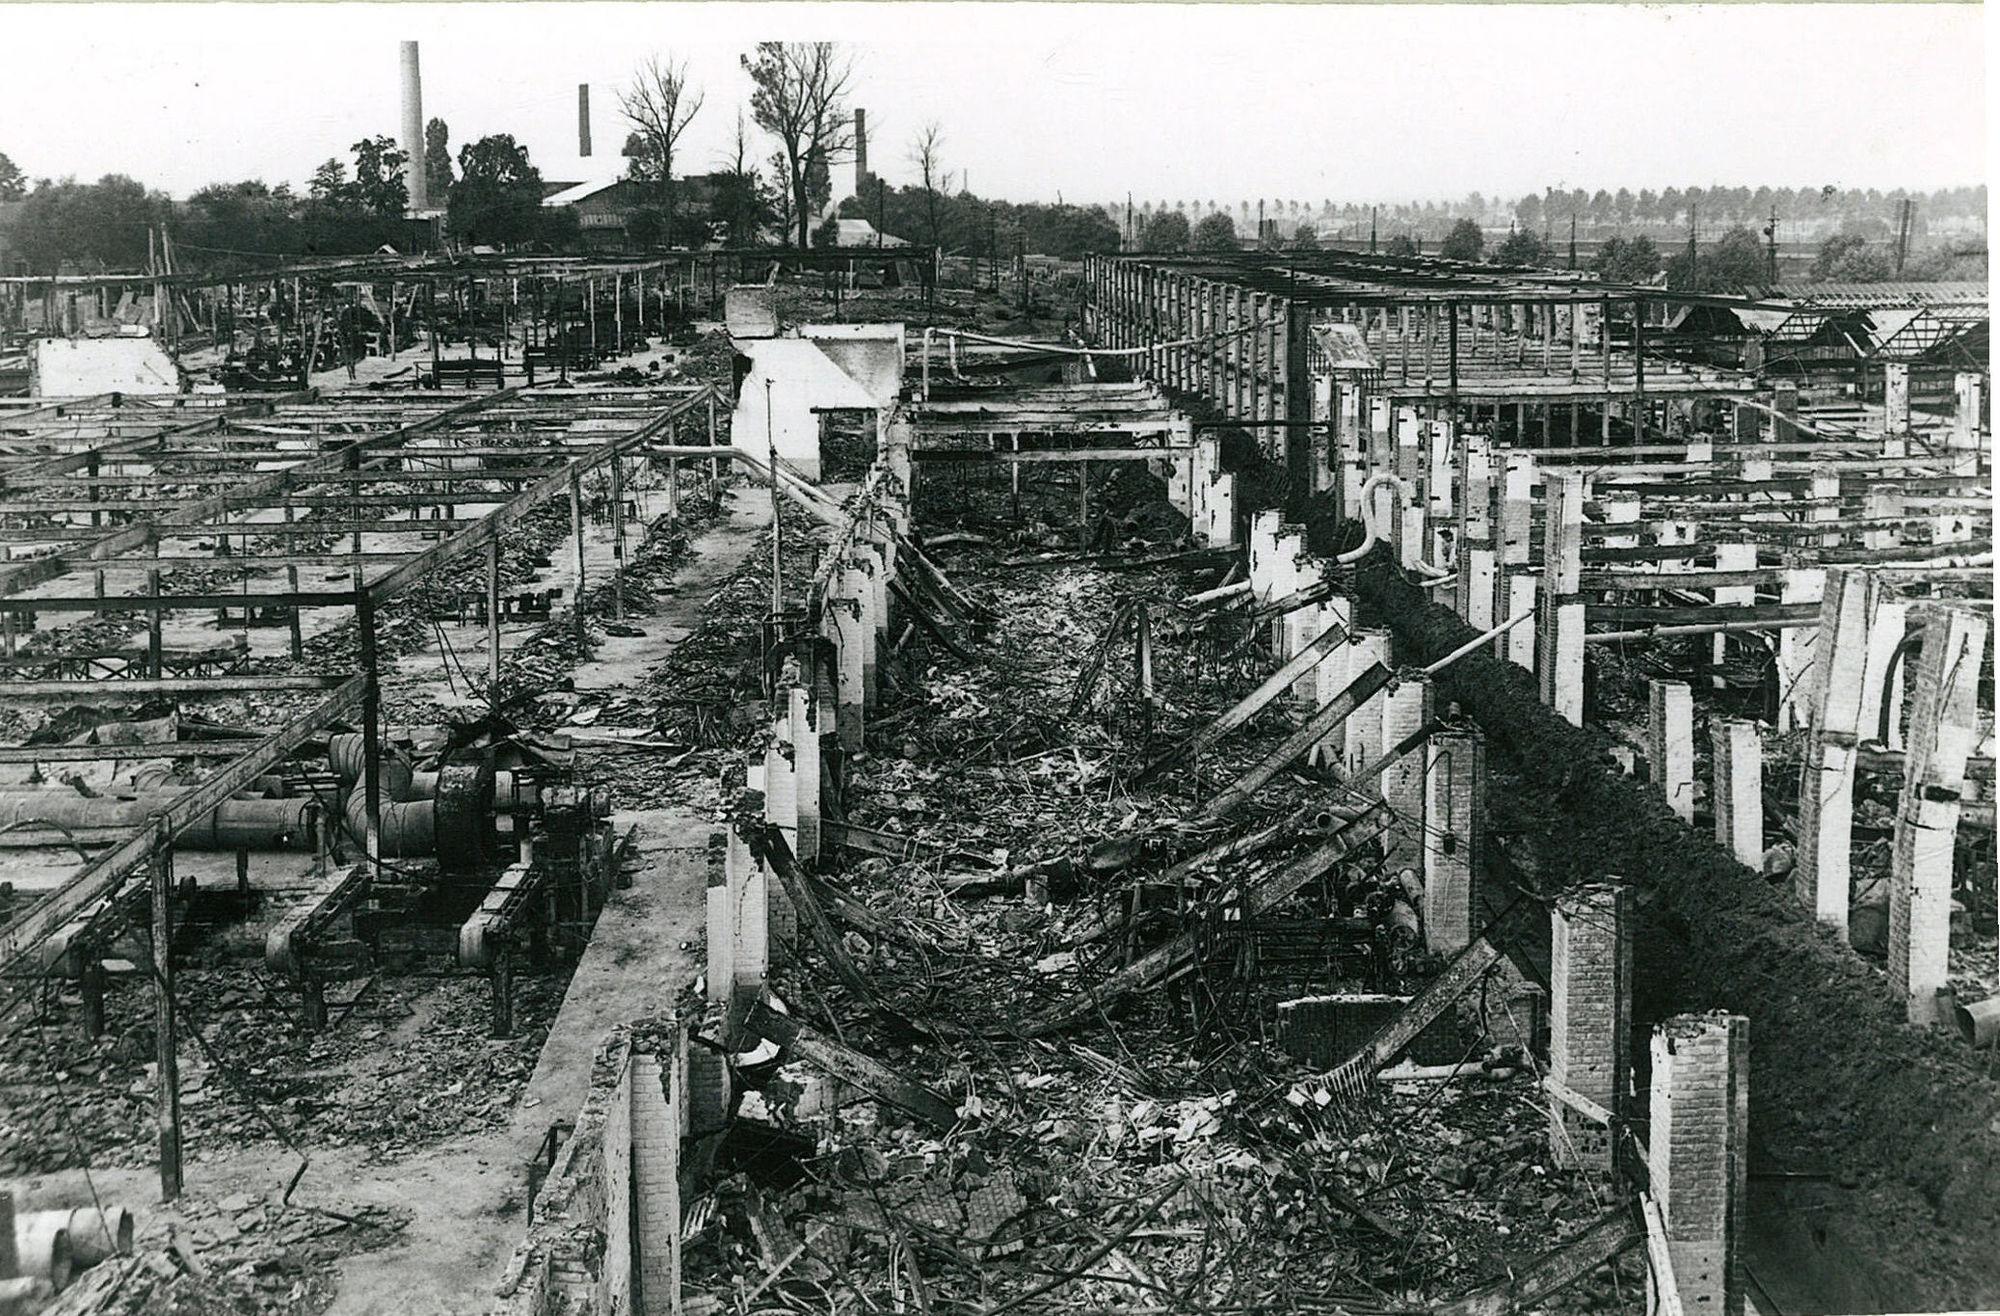 De werkhuizen van de firma De Coene in 1940